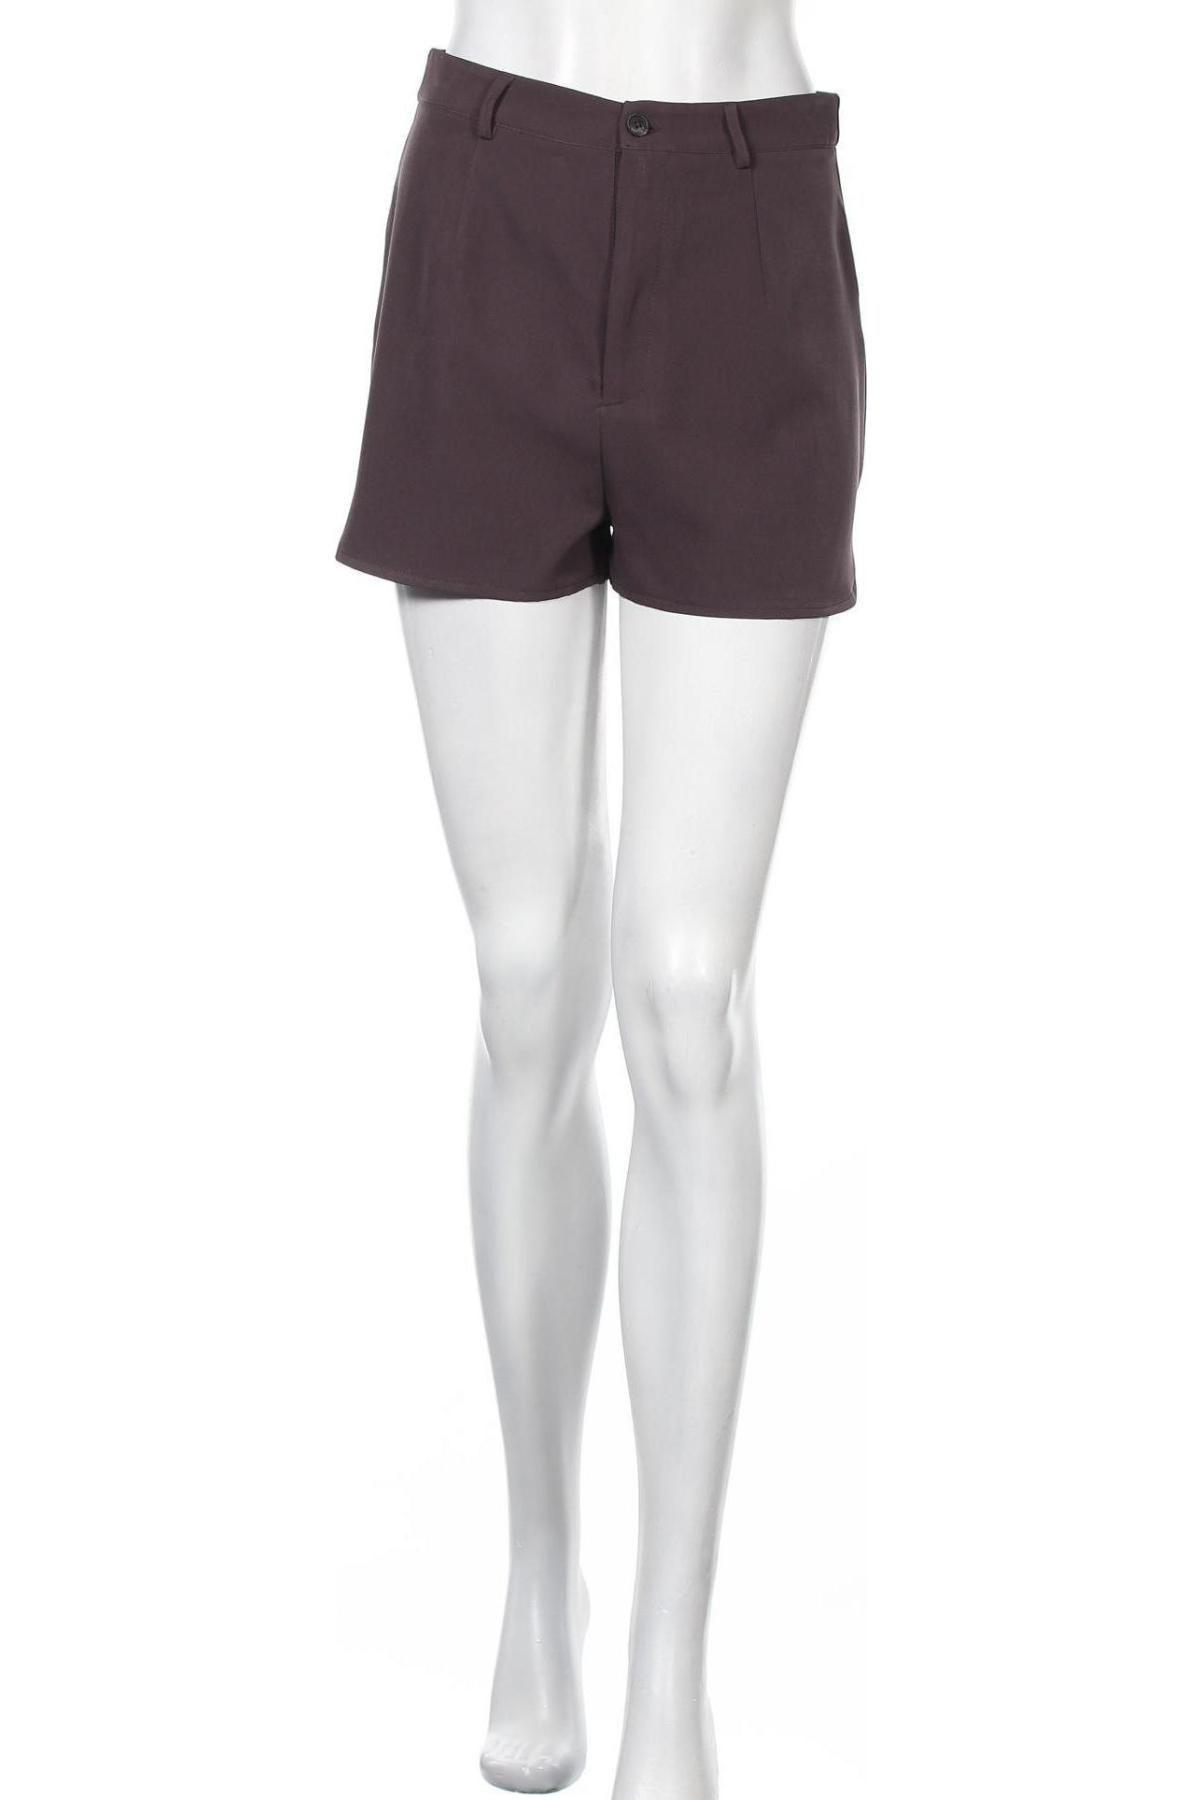 Γυναικείο κοντό παντελόνι Missguided, Μέγεθος S, Χρώμα Γκρί, Τιμή 10,21€